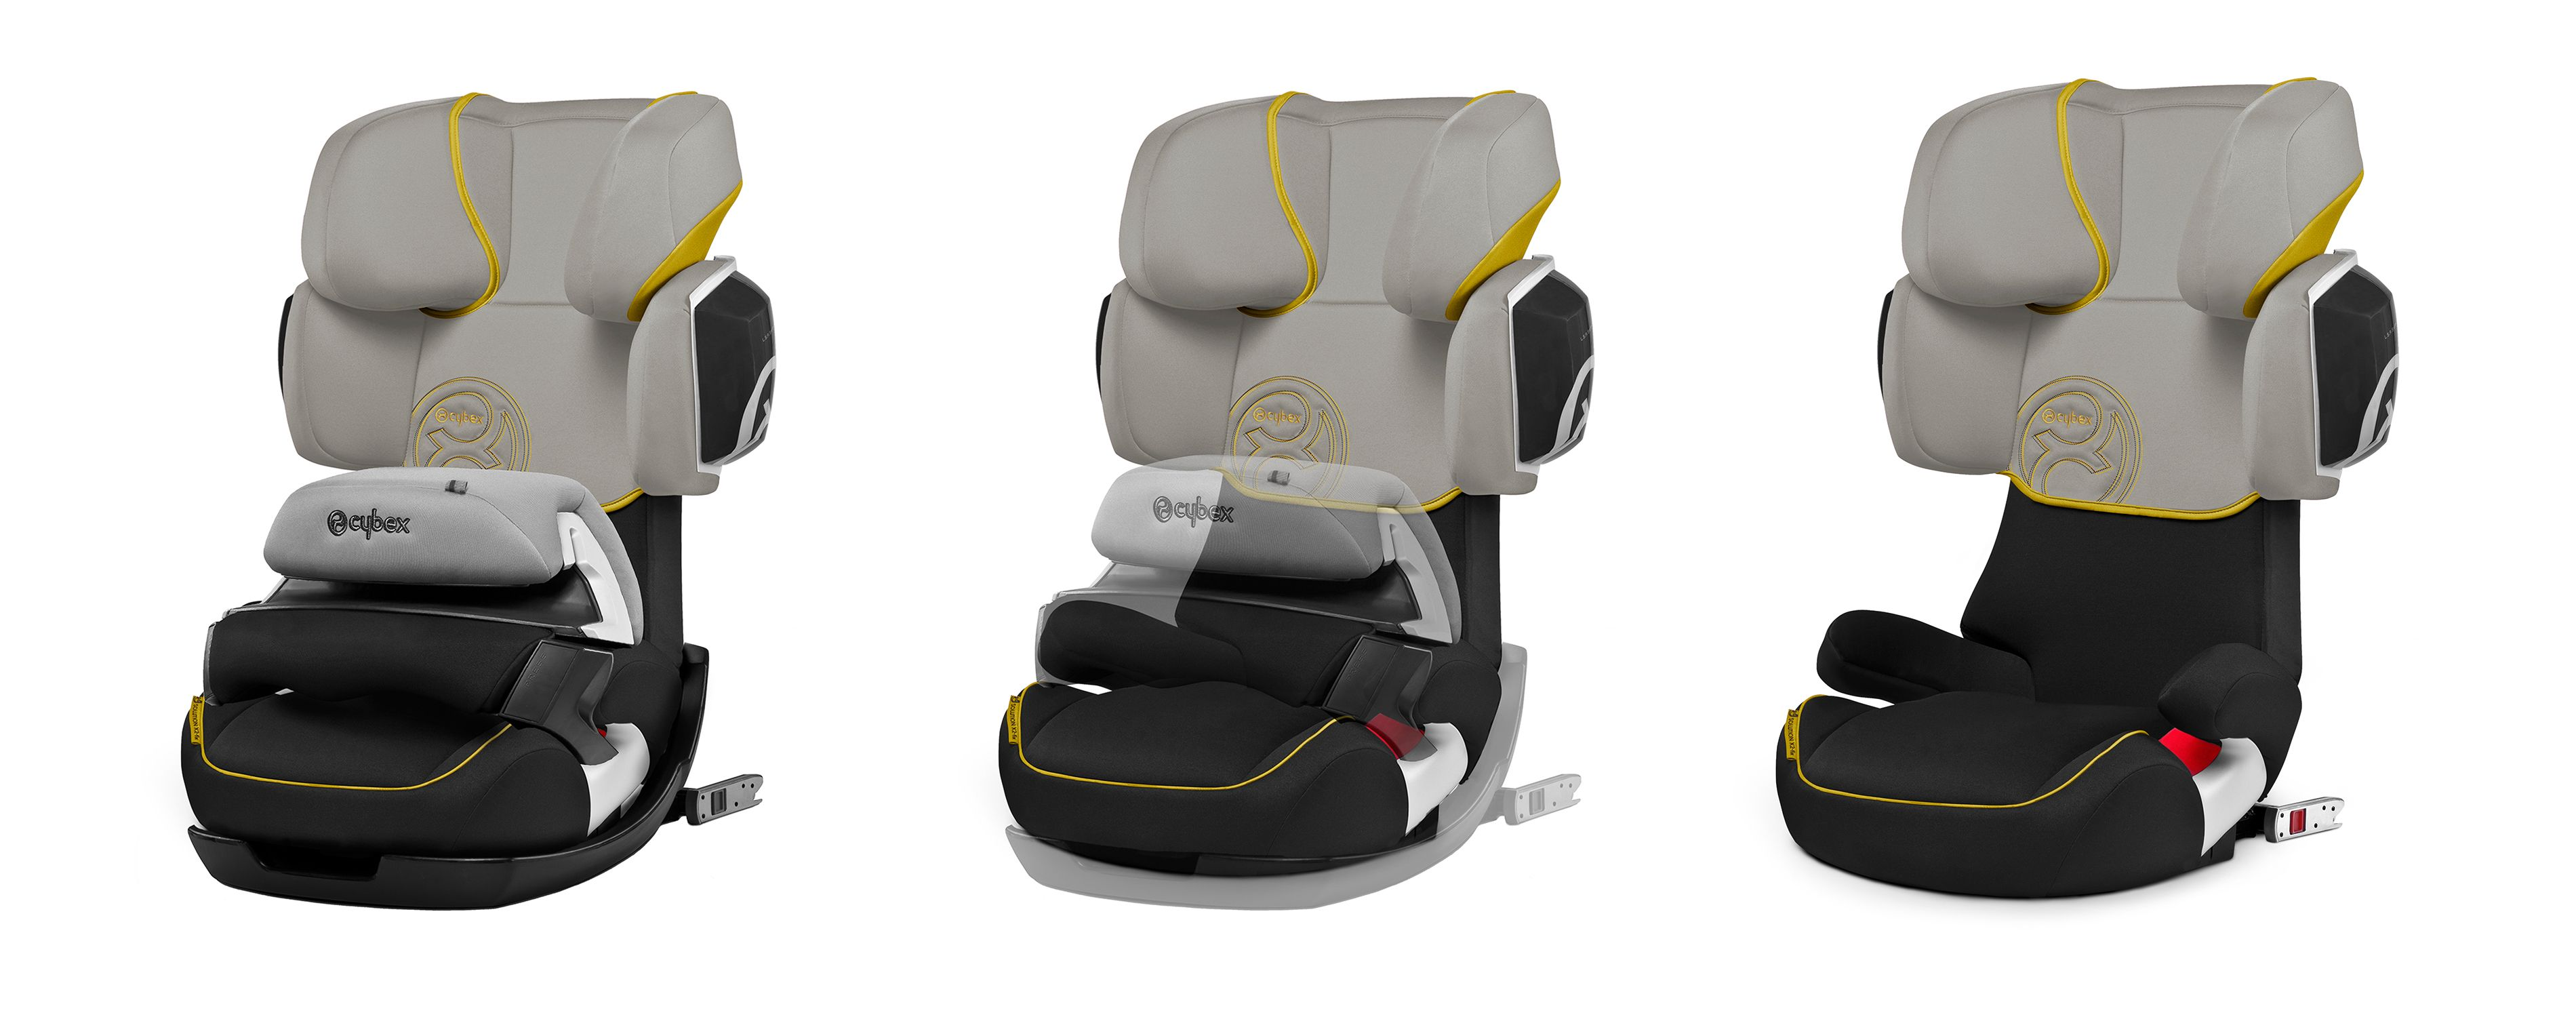 Una silla de auto infantil para cada edad y peso del ni o for Sillas para 2 ninos diferente edad